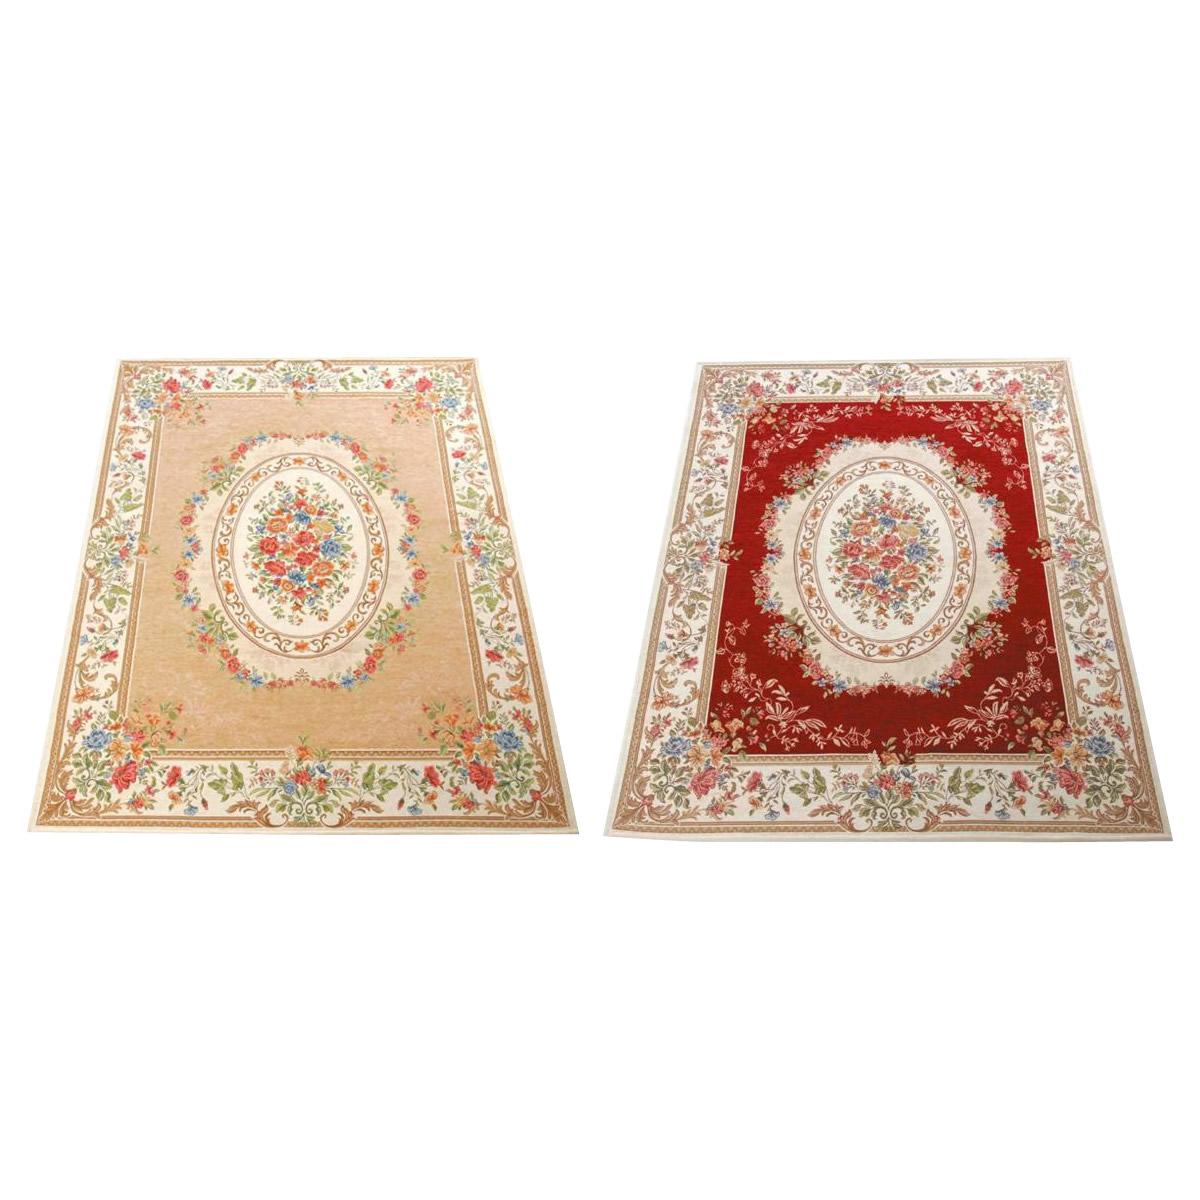 【代引き・同梱不可】ゴブラン織 シェニールカーペット 6畳用(約240×330cm)